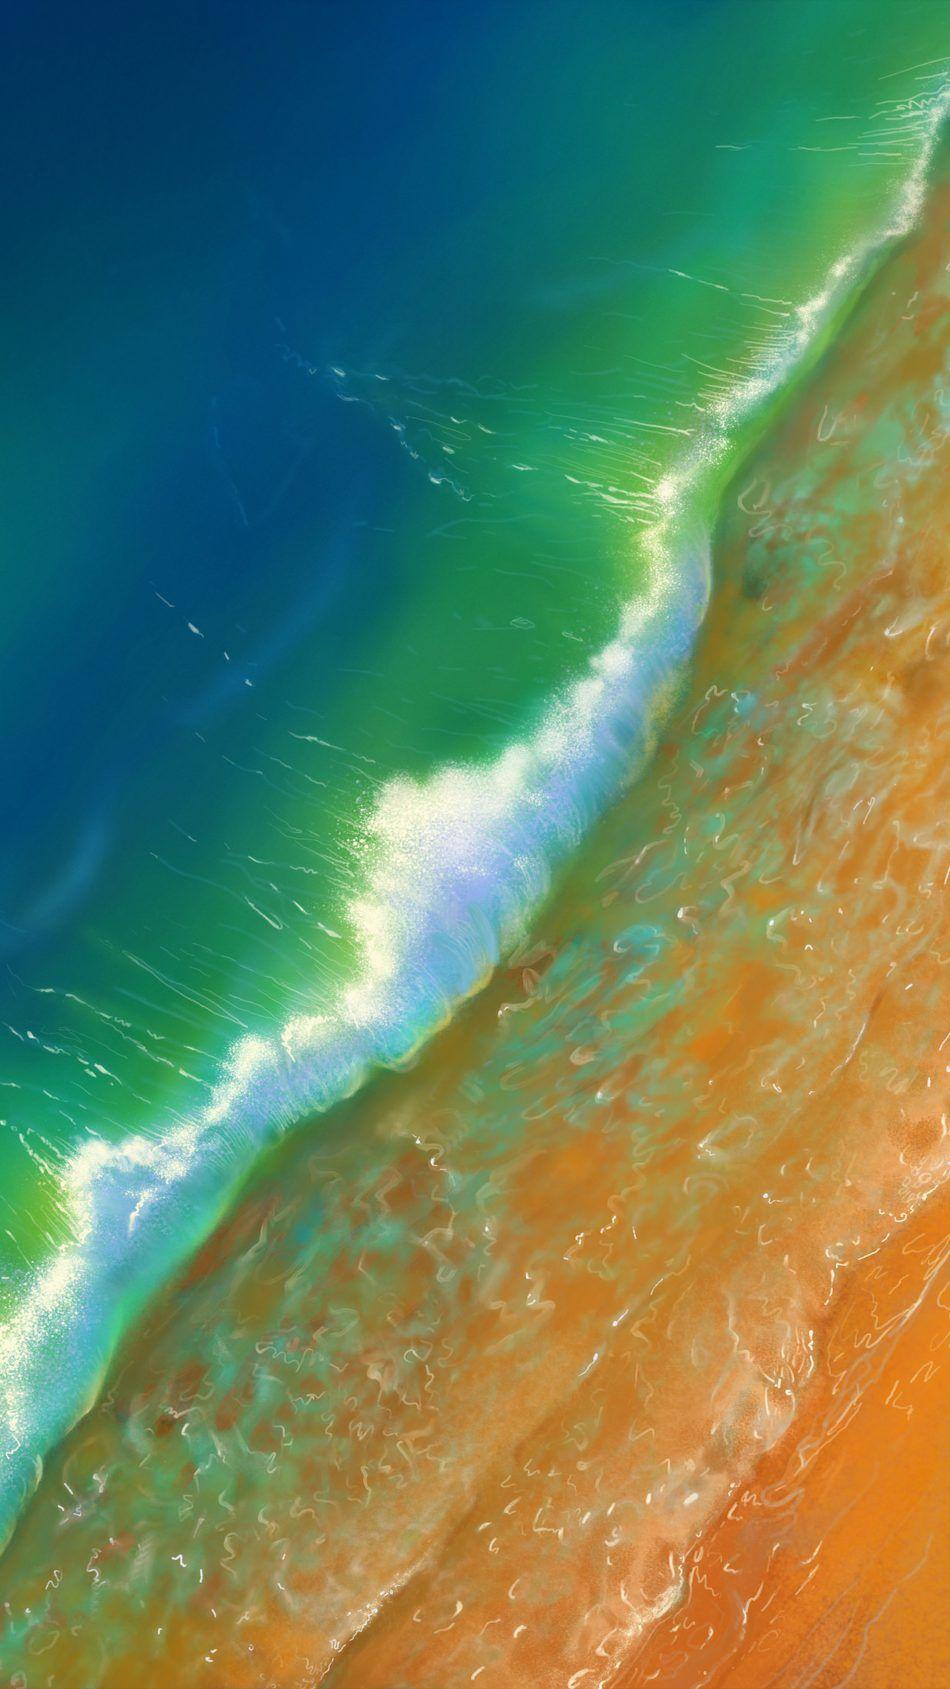 Beach Ocean Waves Seascape 4k Ultra Hd Mobile Wallpaper Iphone Wallpaper Ocean Seascape Waves Wallpaper